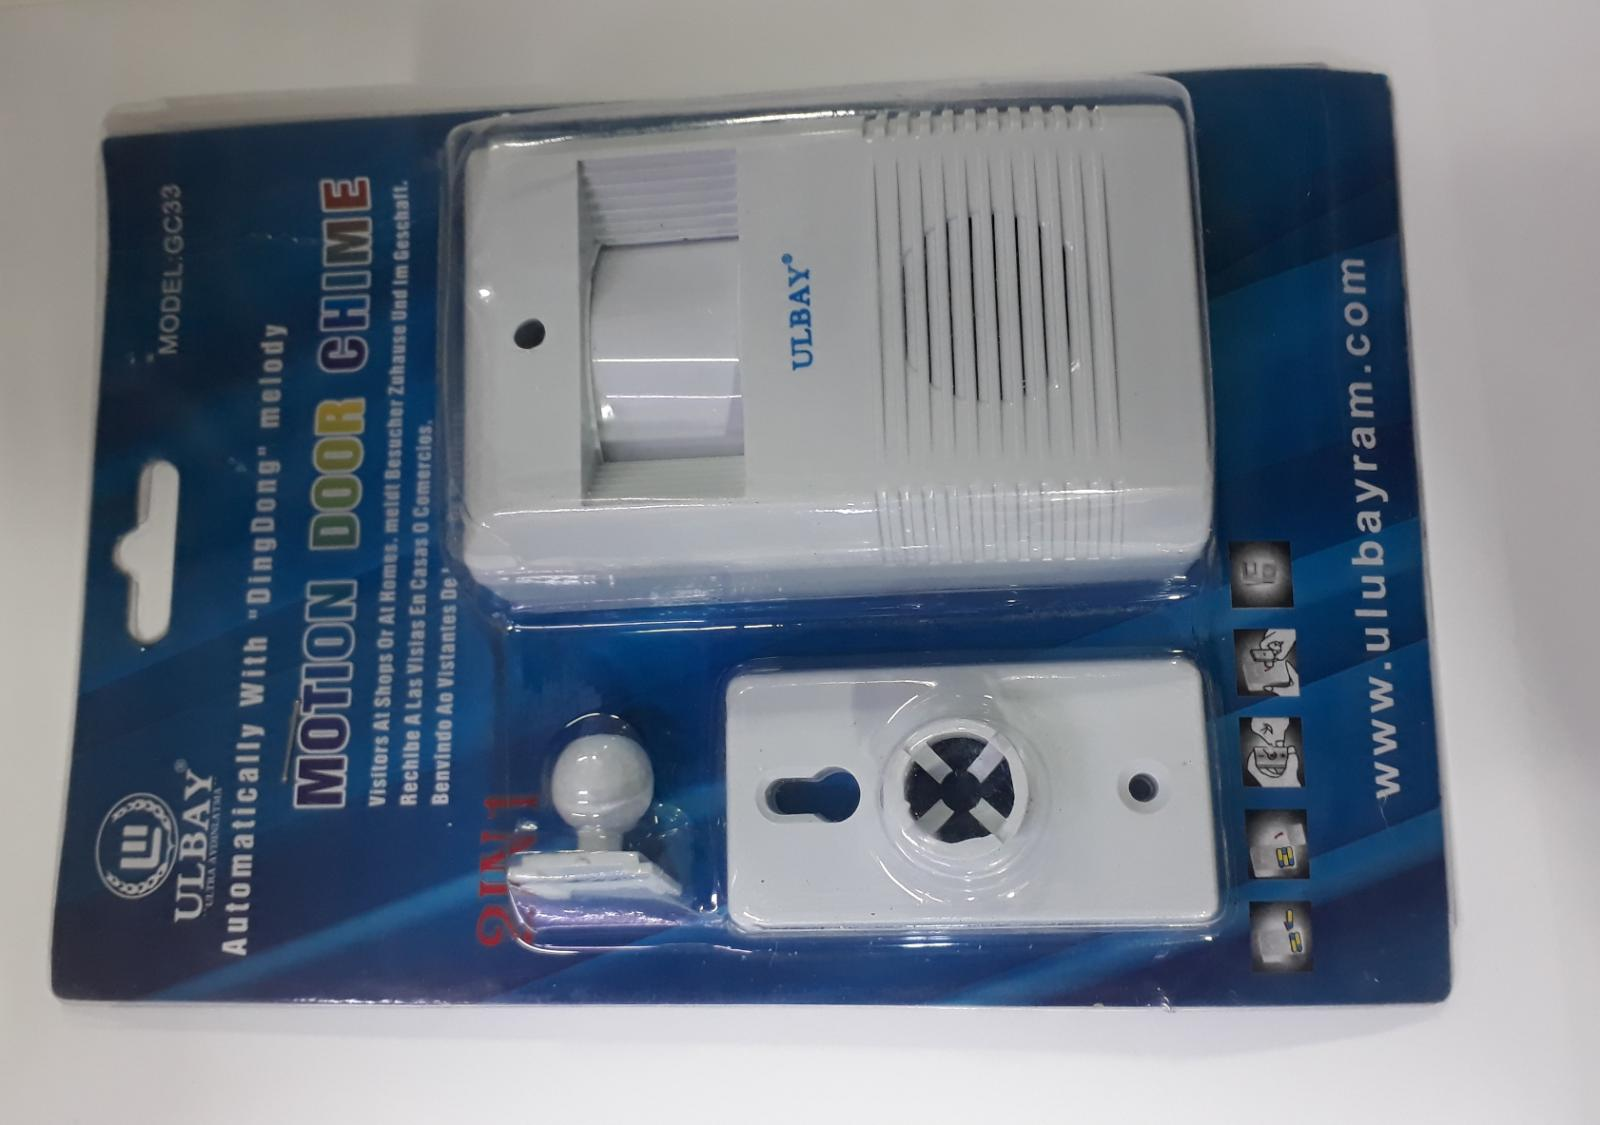 GC-33 Ulbay Kapı Hareket Sensörü